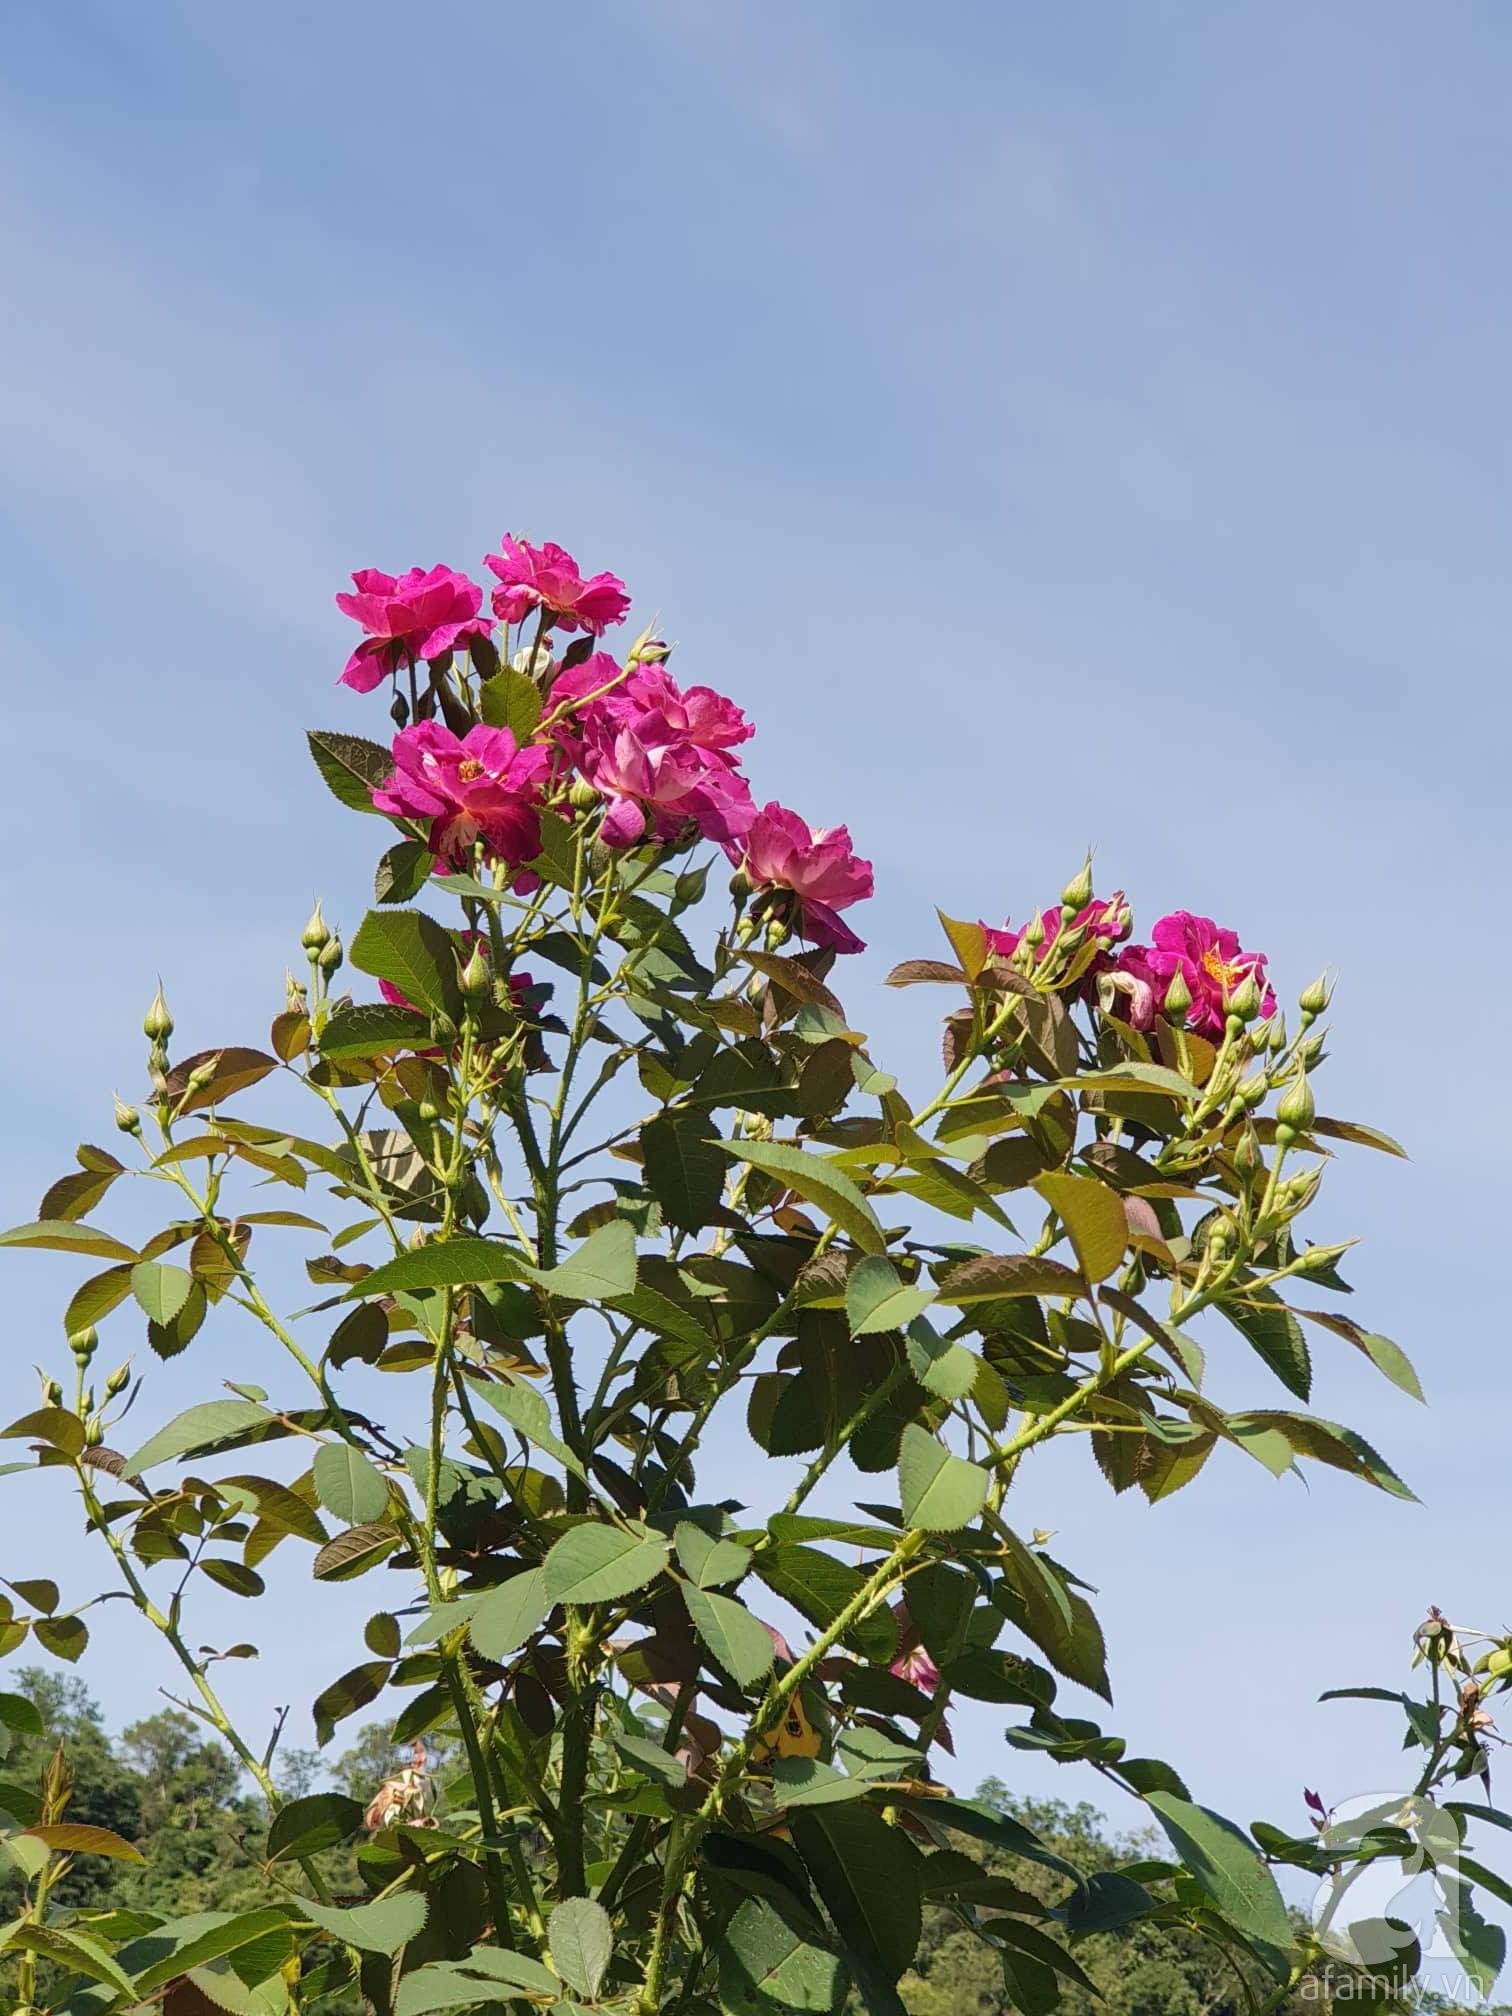 Ngôi nhà hoa hồng thơm ngát và rực rỡ với hàng trăm gốc hồng trên triền núi của cô giáo ở Cao Bằng - Ảnh 16.